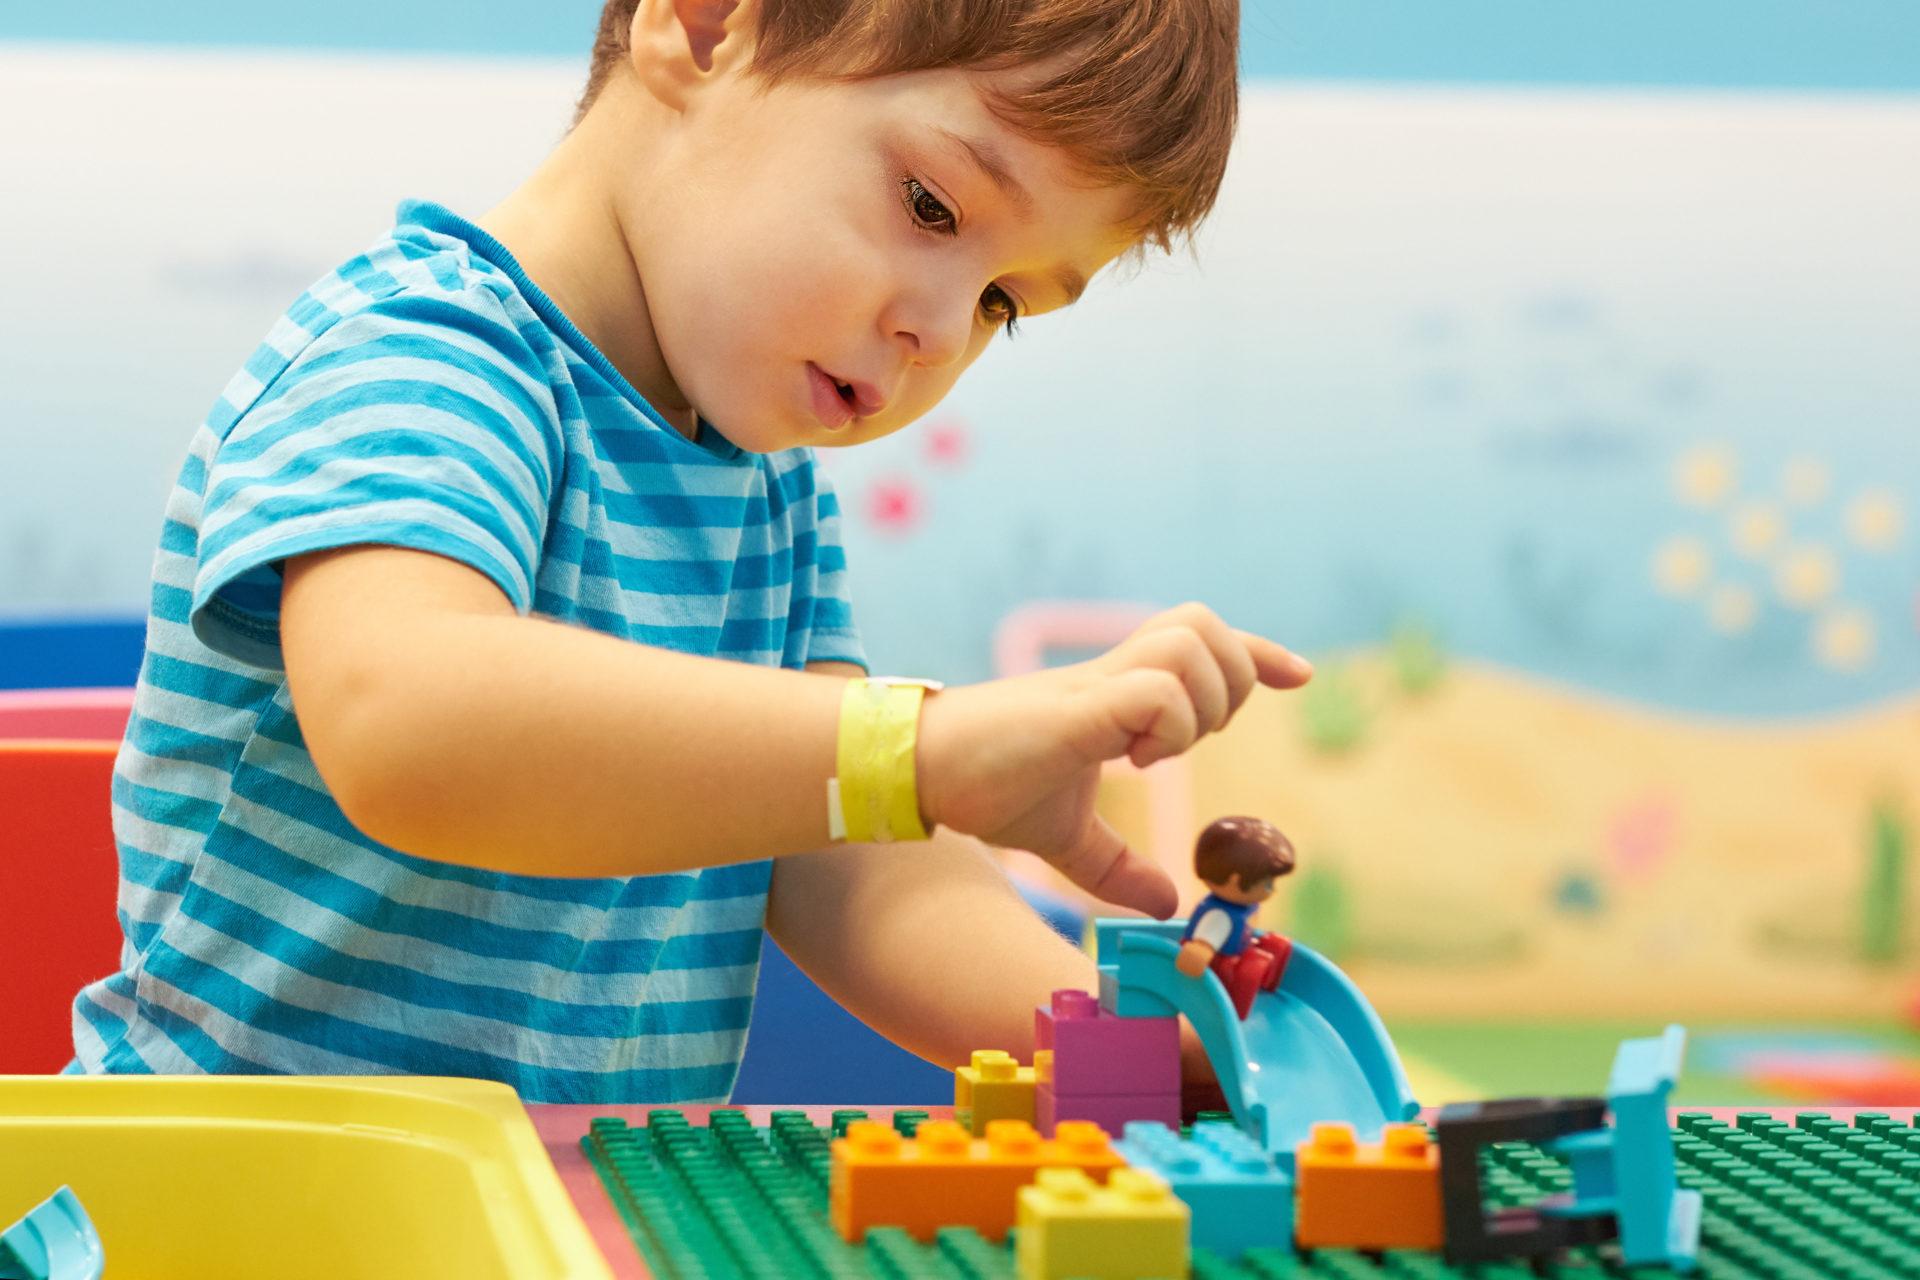 Jeu, Jouet Enfant - Jeu Enfant 2 Ans, 3 Ans, 4 Ans Et 5 Ans serapportantà Jeux Educatif 4 5 Ans